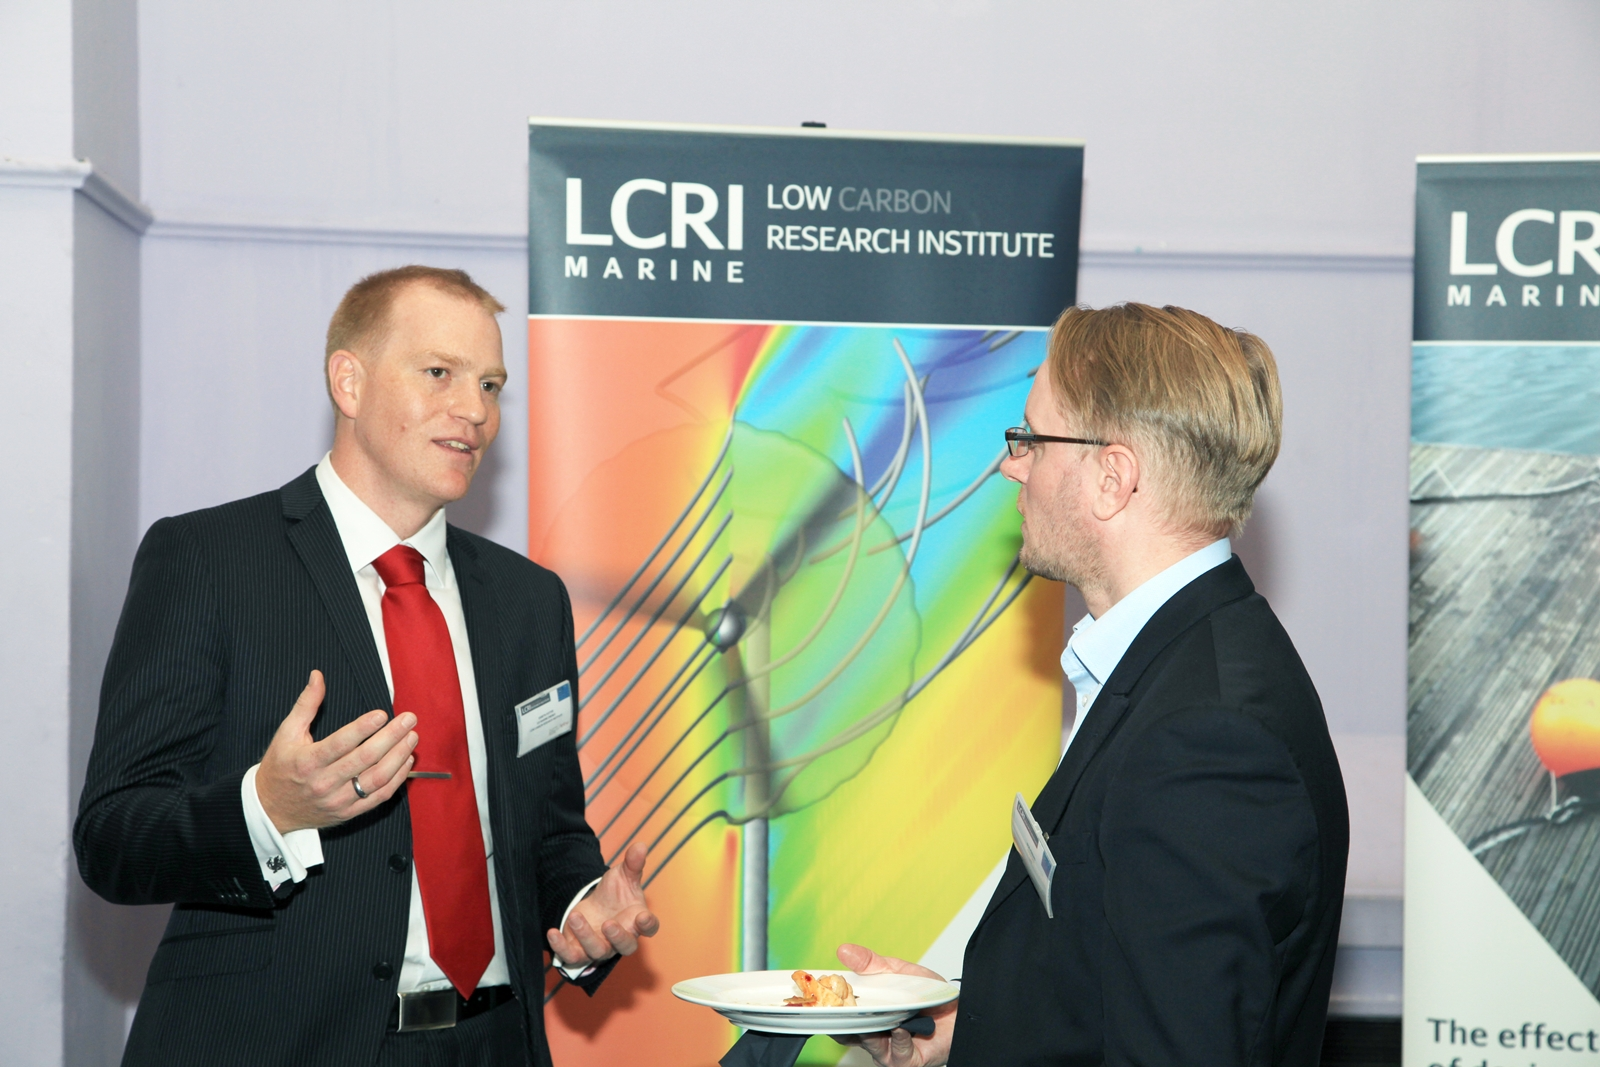 LCRI Conference 2013